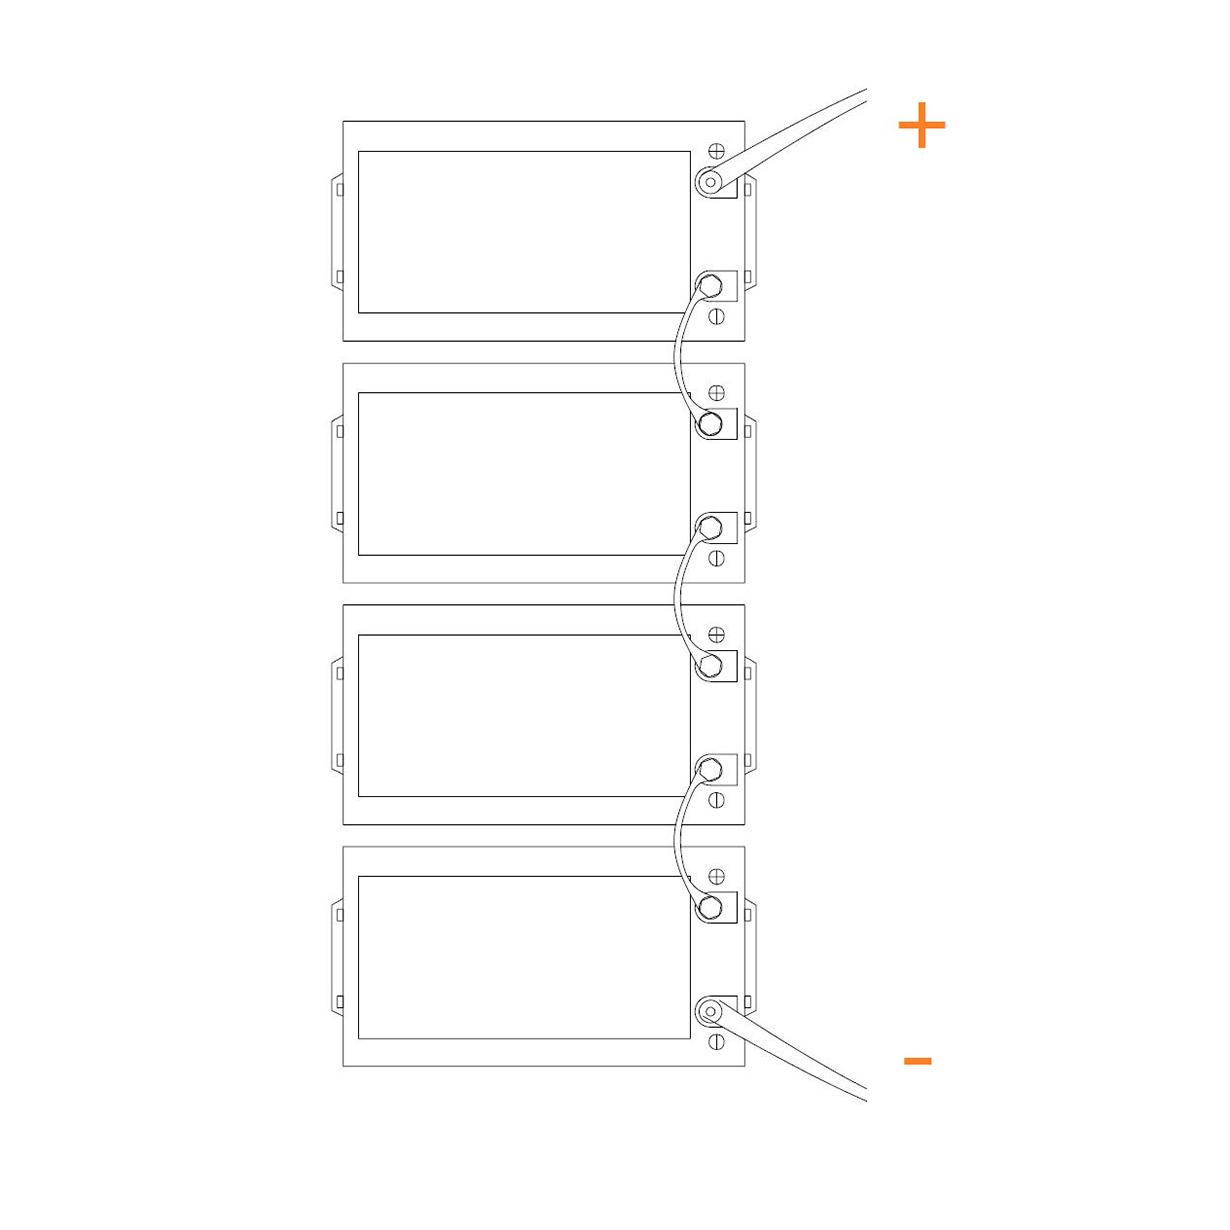 Battery 48v 150ah Manufacturers, Battery 48v 150ah Factory, Supply Battery 48v 150ah